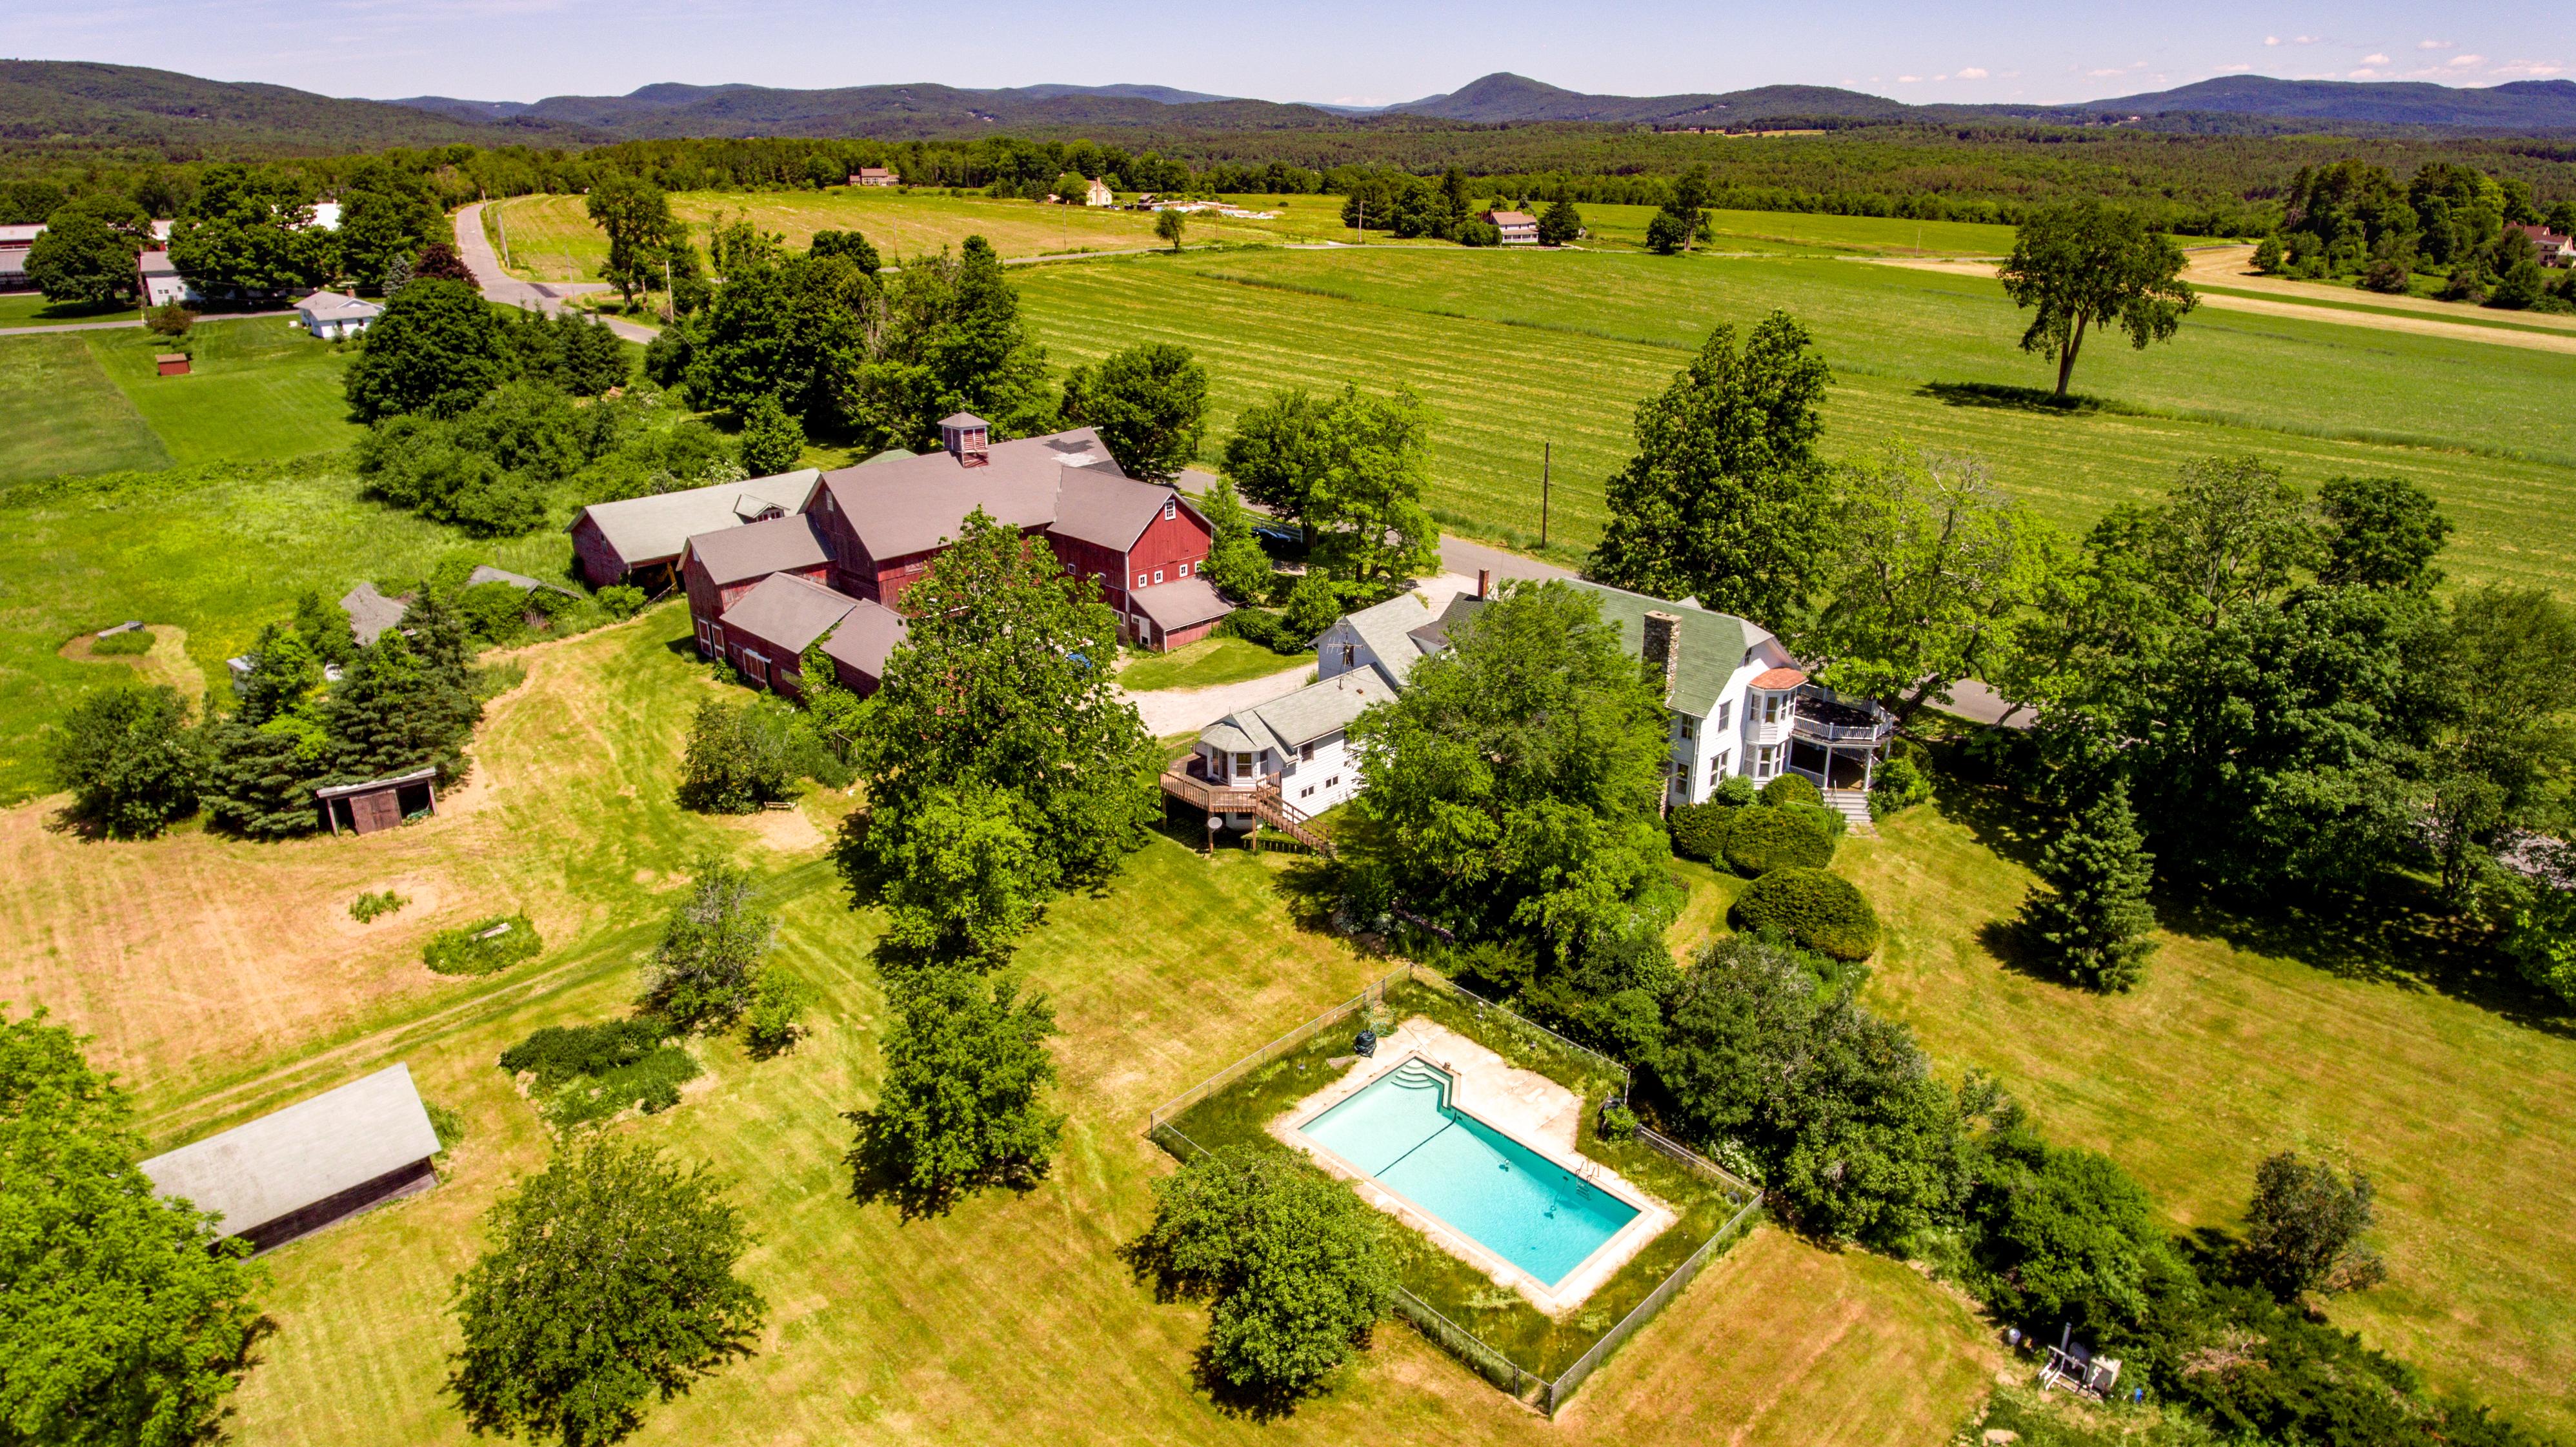 Maison unifamiliale pour l Vente à Baldwin Hill Farm - an Iconic Berkshire Property 121 Baldwin Hill Rd Egremont, Massachusetts, 01258 États-Unis